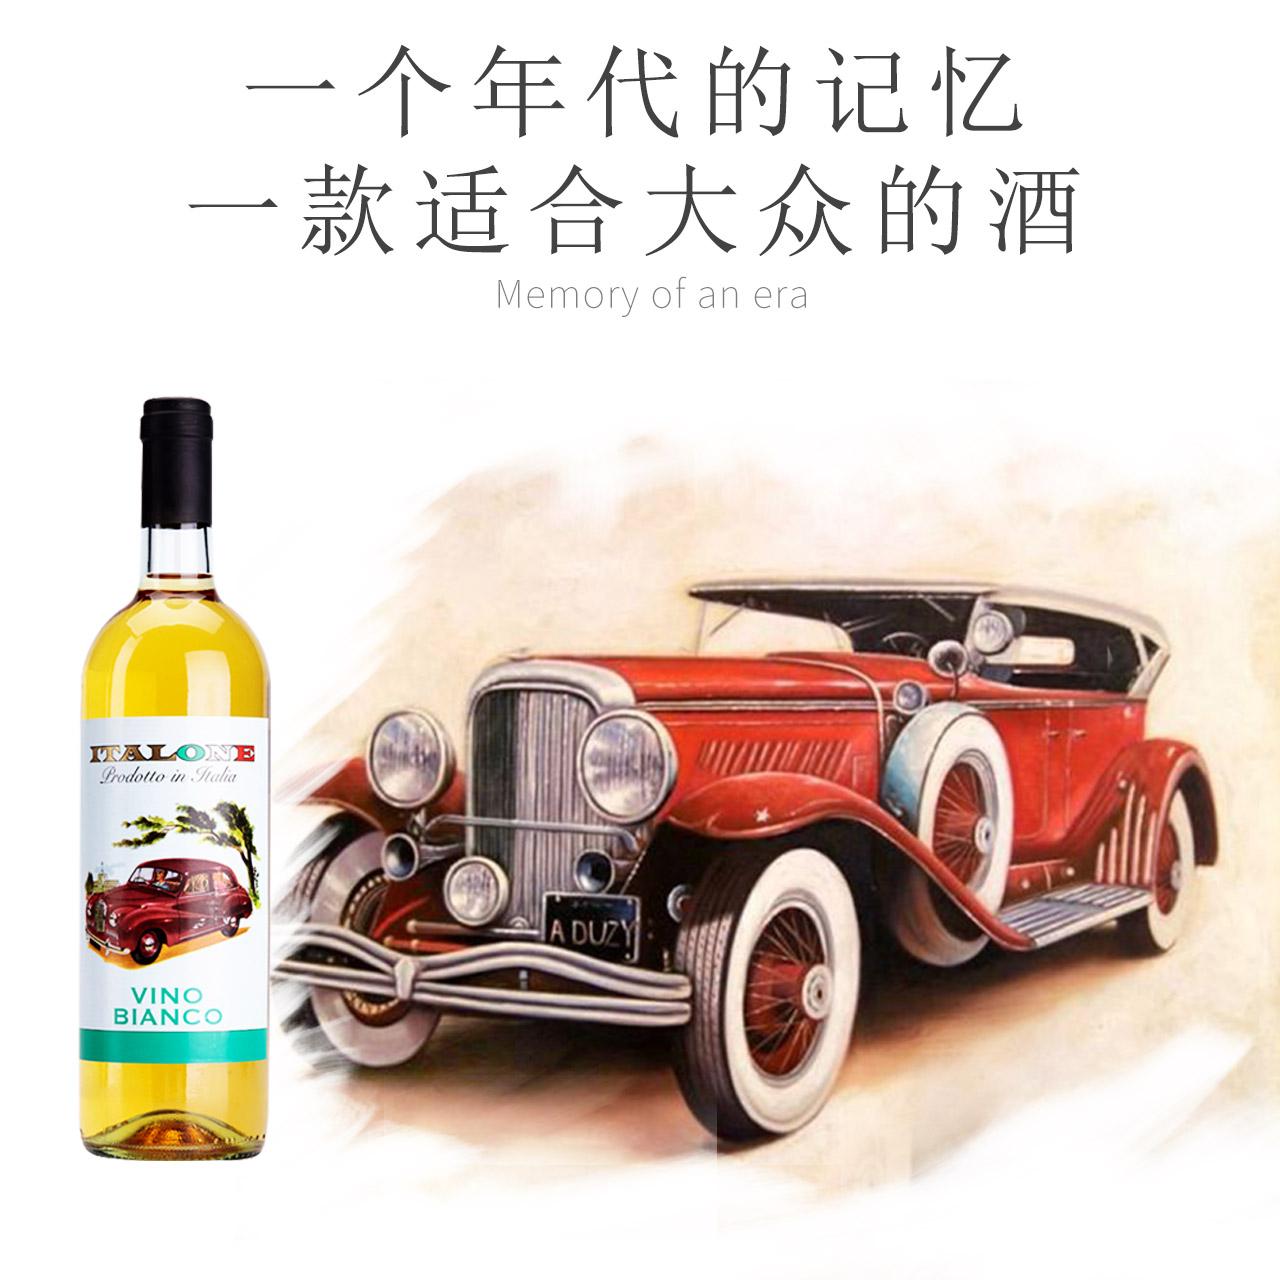 泰龙意大利原瓶进口葡萄酒干白葡萄酒单支婚宴聚会请客送礼